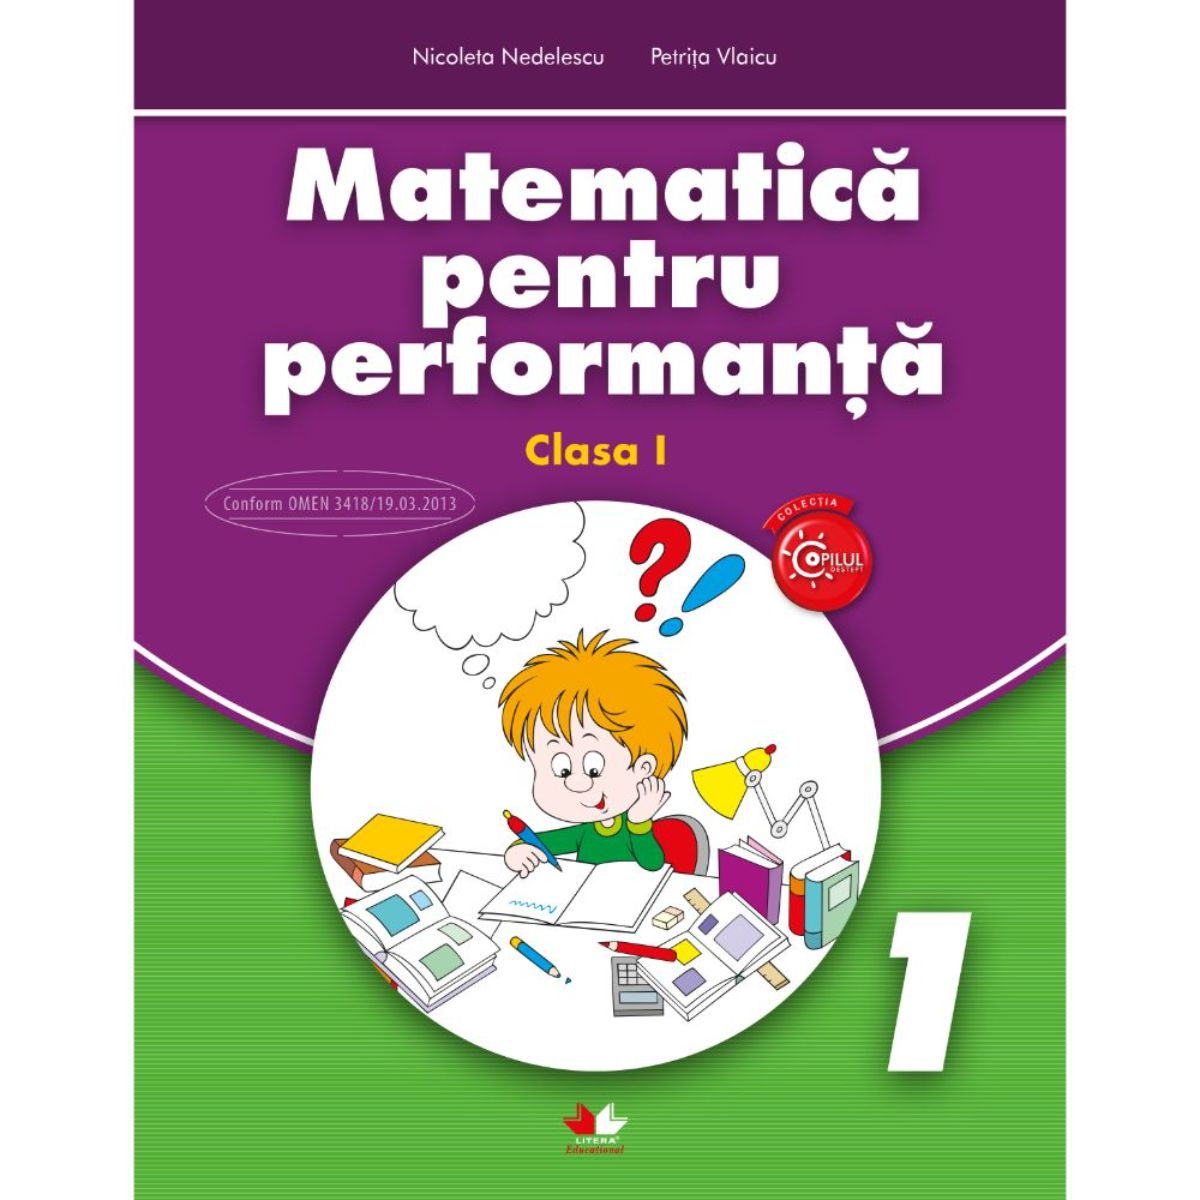 Matematica pentru performanta, Clasa I